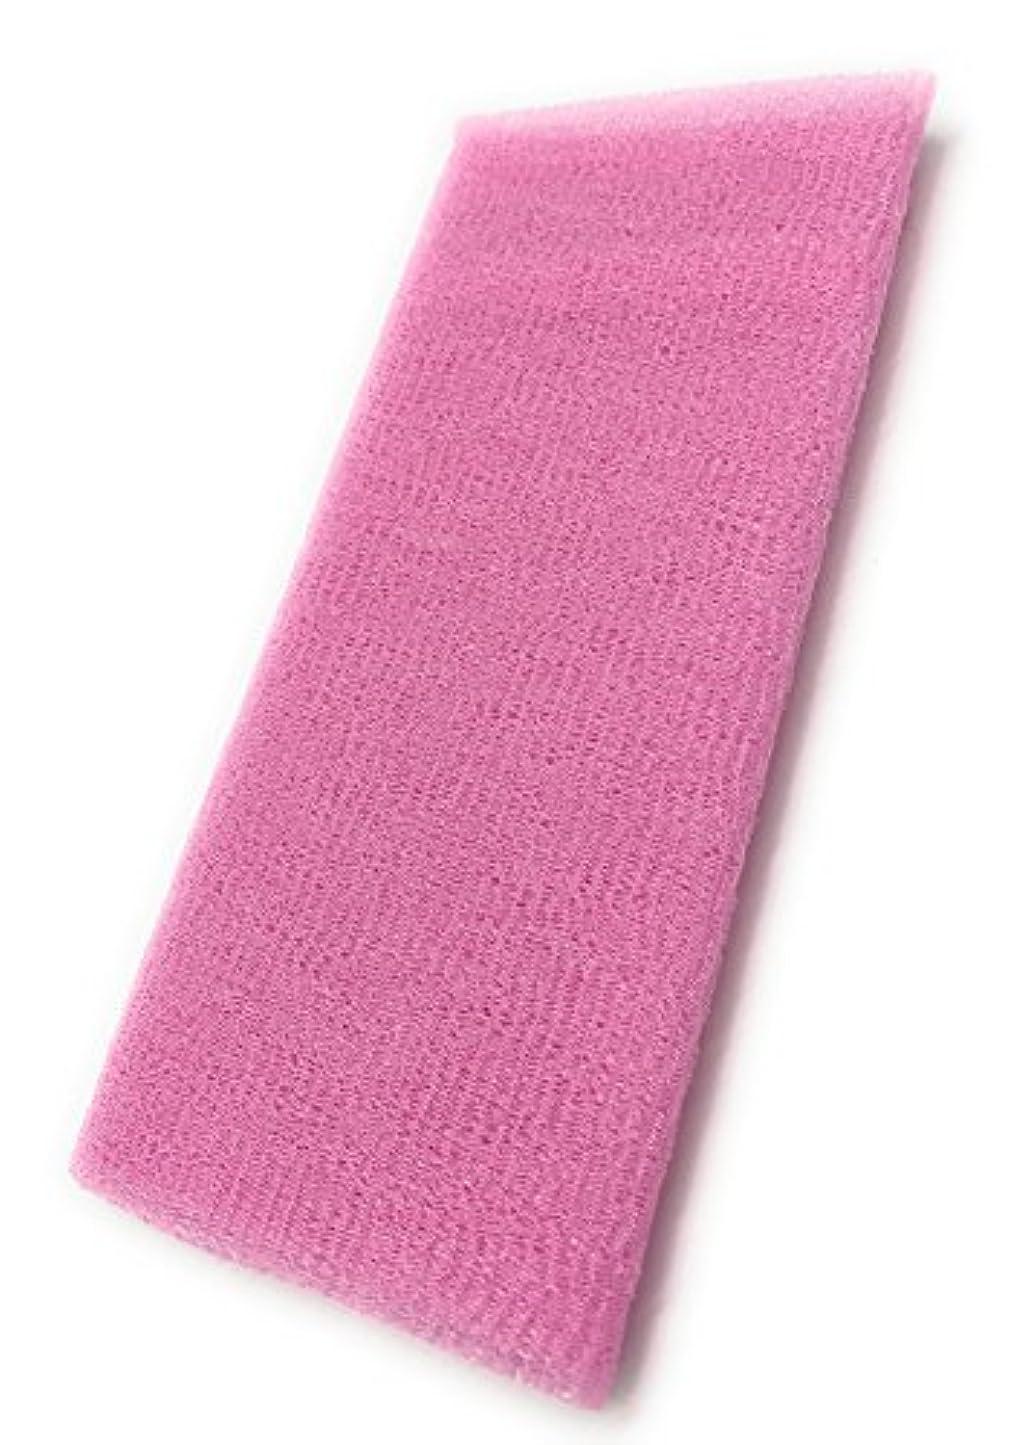 パイエゴイズムレイアウトMaltose あかすりタオル ロング ボディタオル 体洗いタオル やわらか 泡立ち 背中 風呂用 メンズ 垢すり (ピンク)